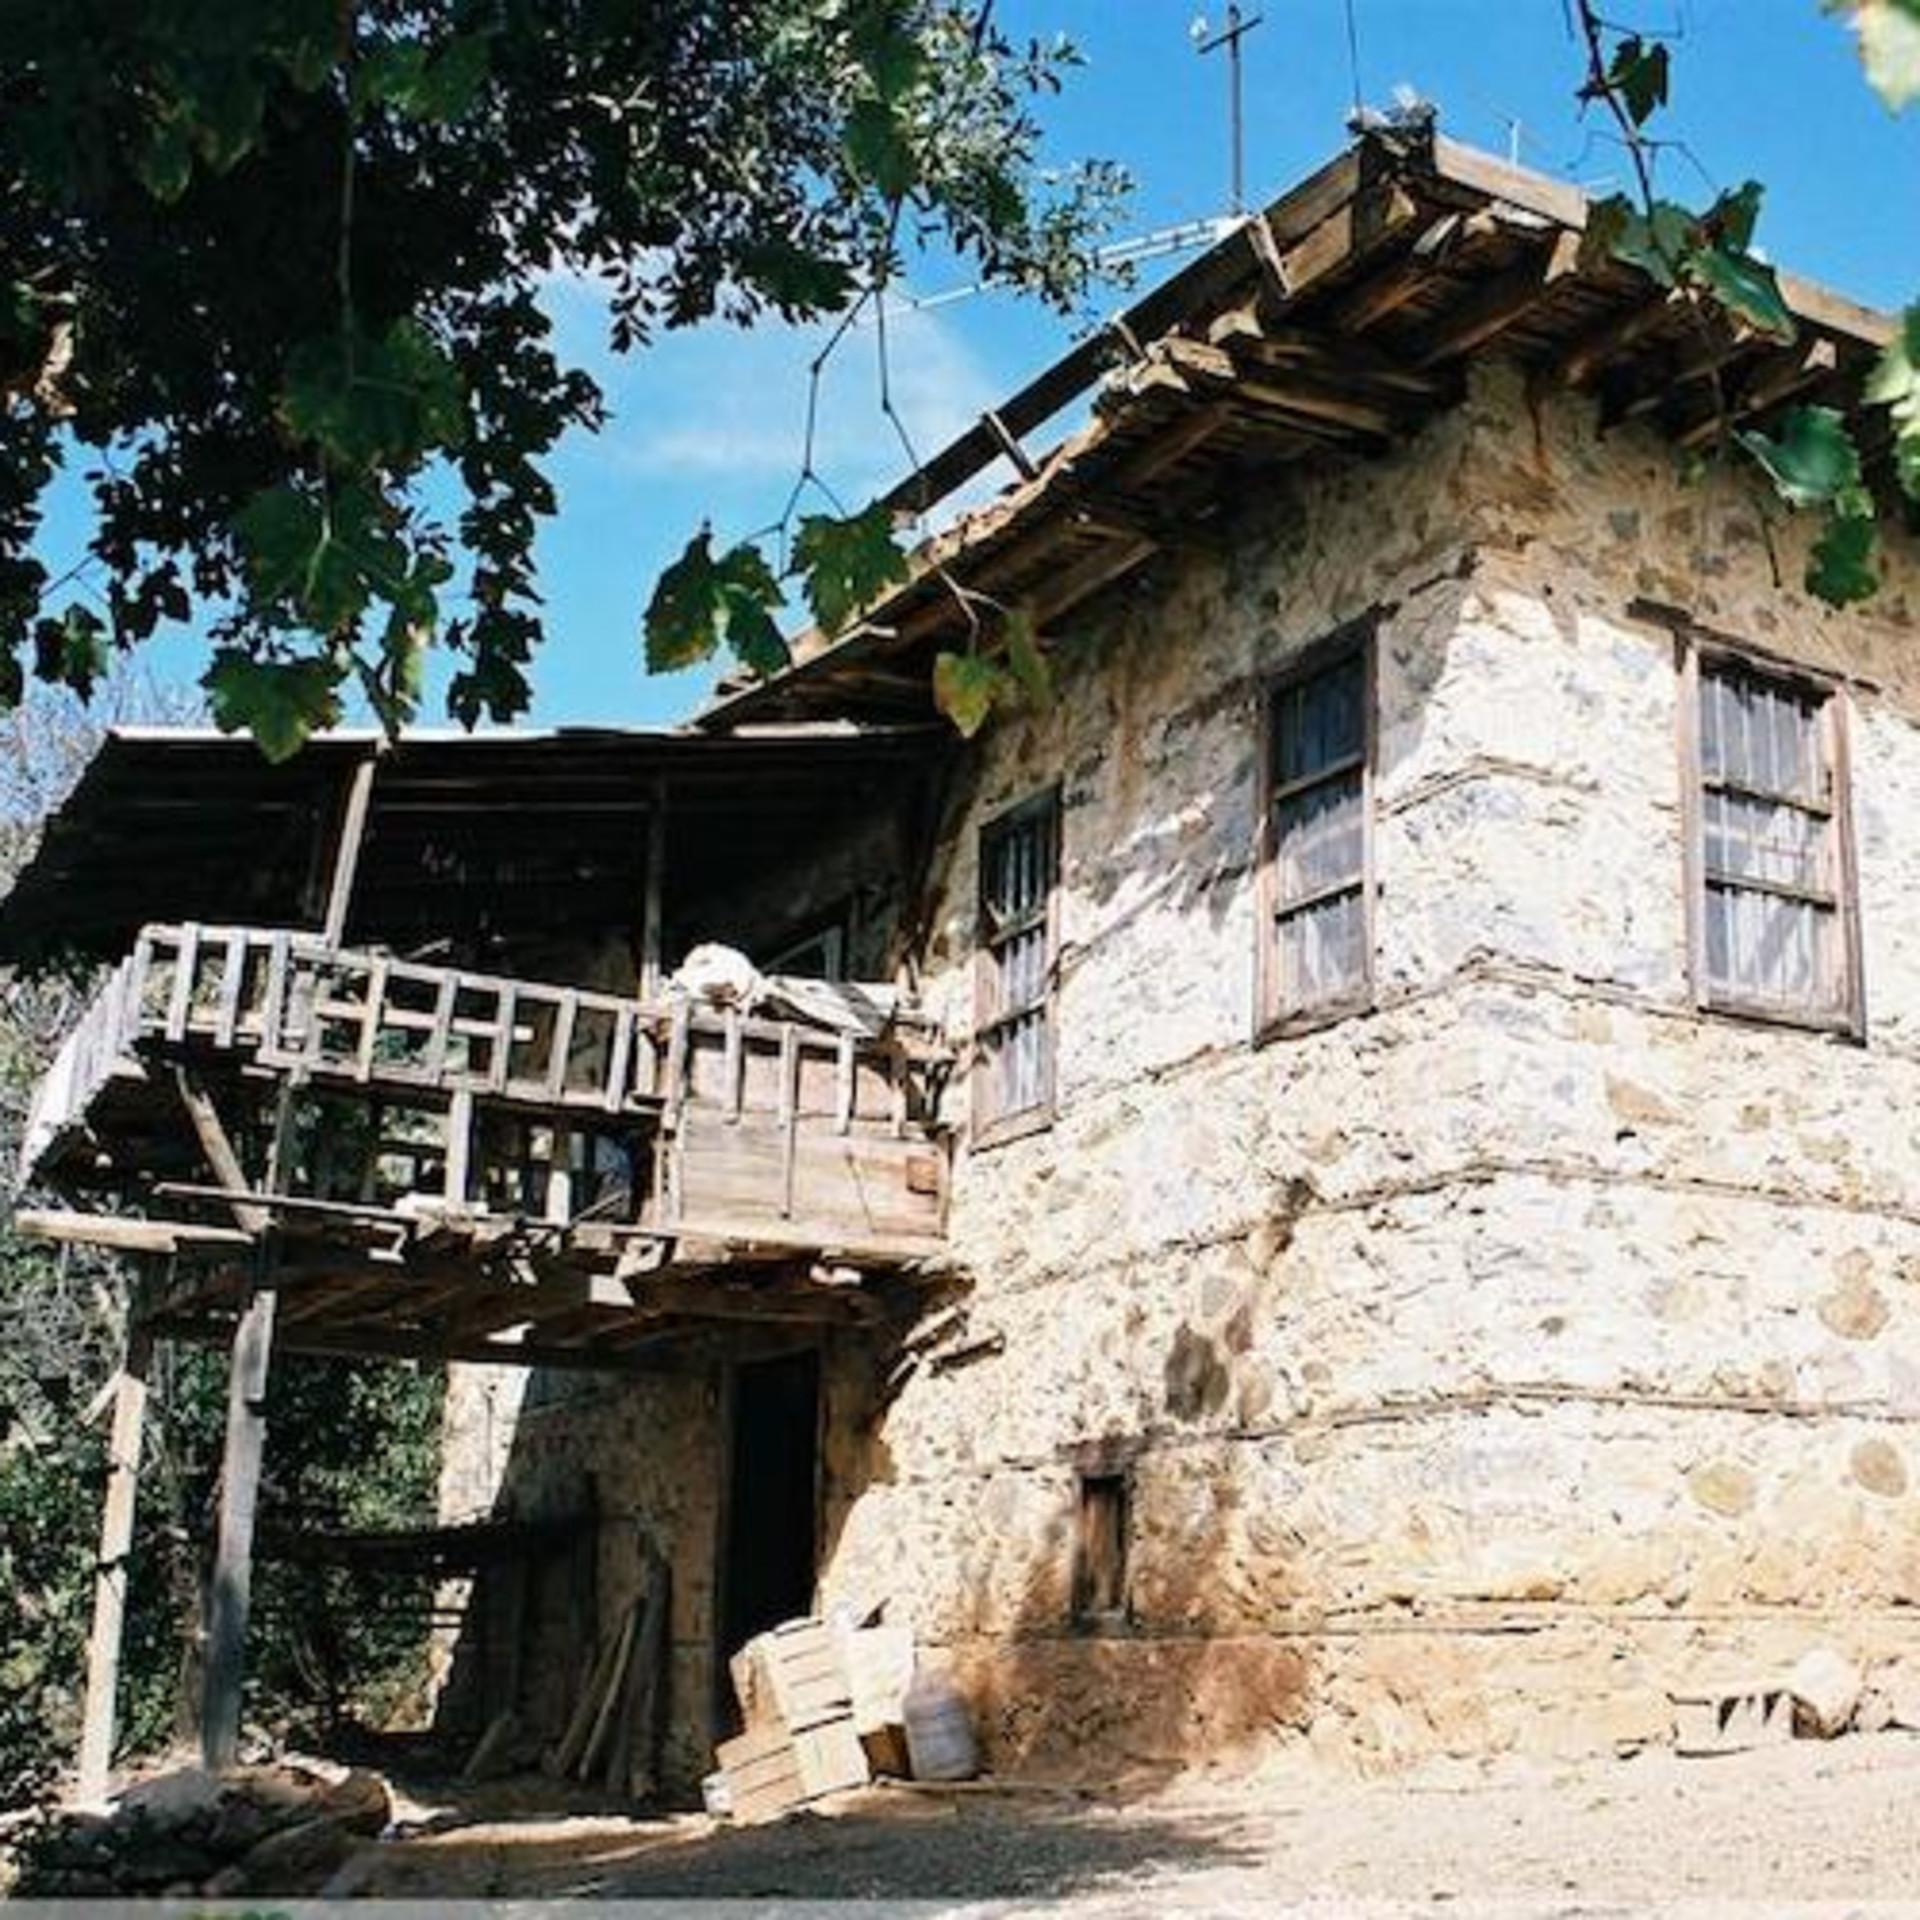 old_house_turkish_way_gazipasa.jpg